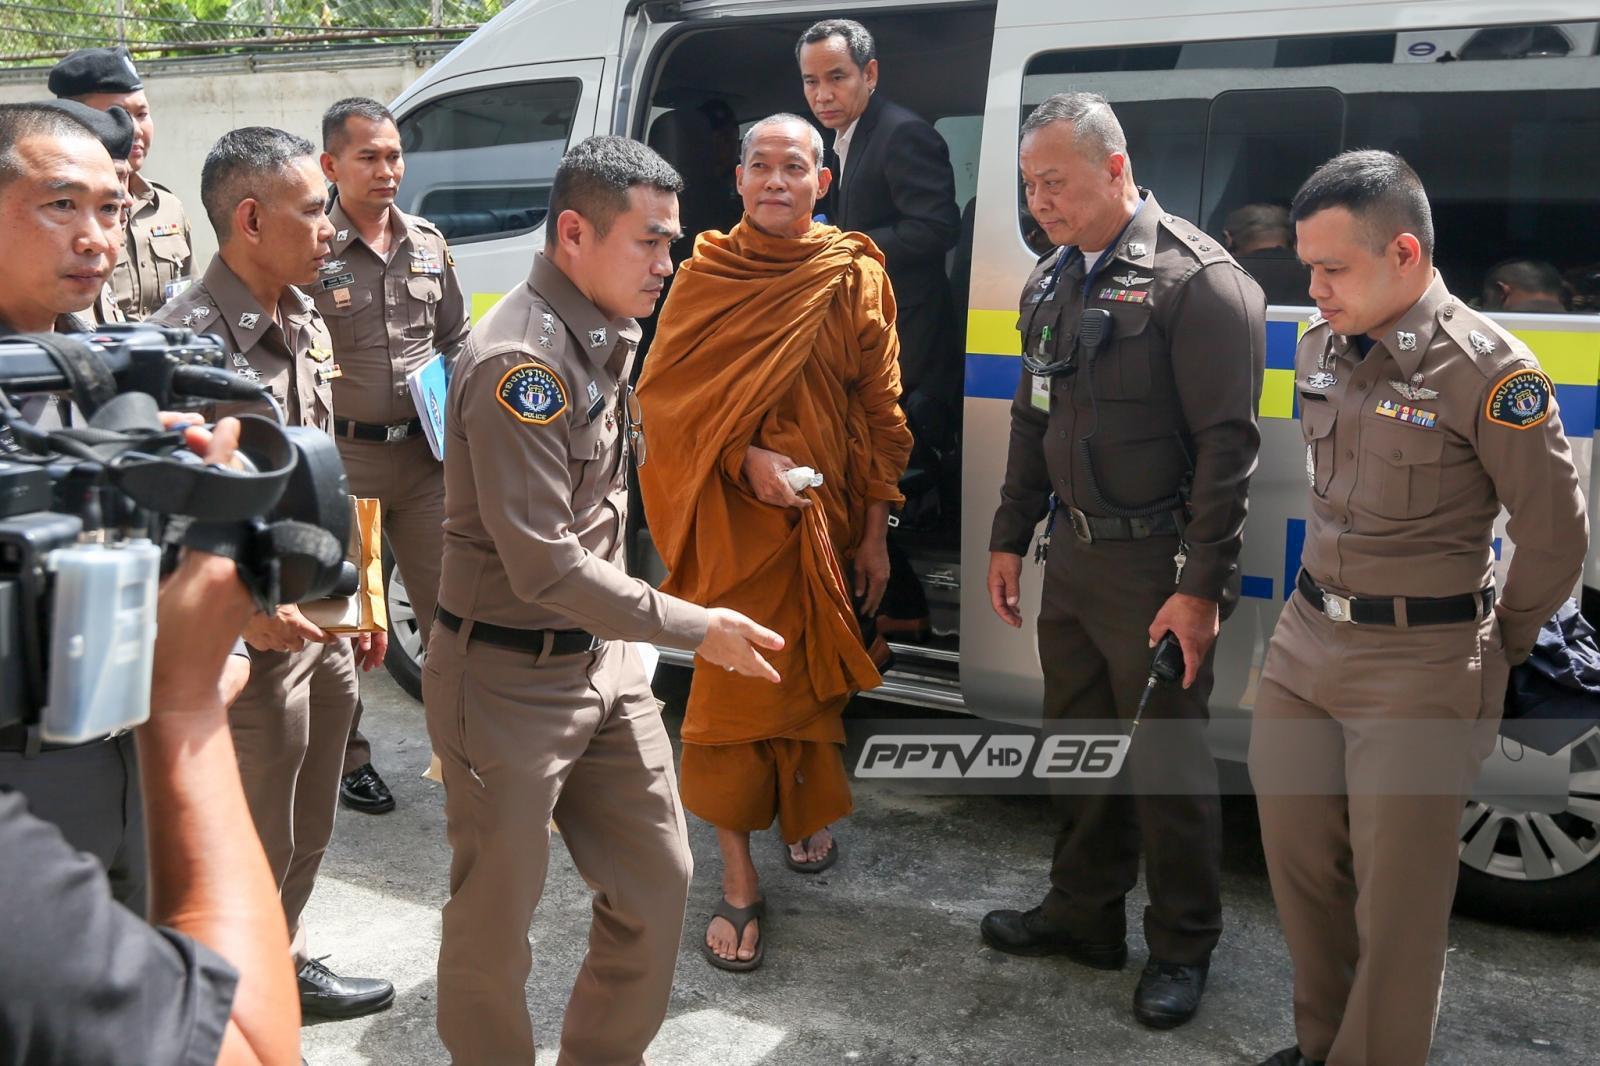 """นายกฯ ปฏิเสธเข้าข้าง """"อดีตพระพุทธะอิสระ"""" หลังออกมาขอโทษแทน ตร.ชุดจับกุม"""